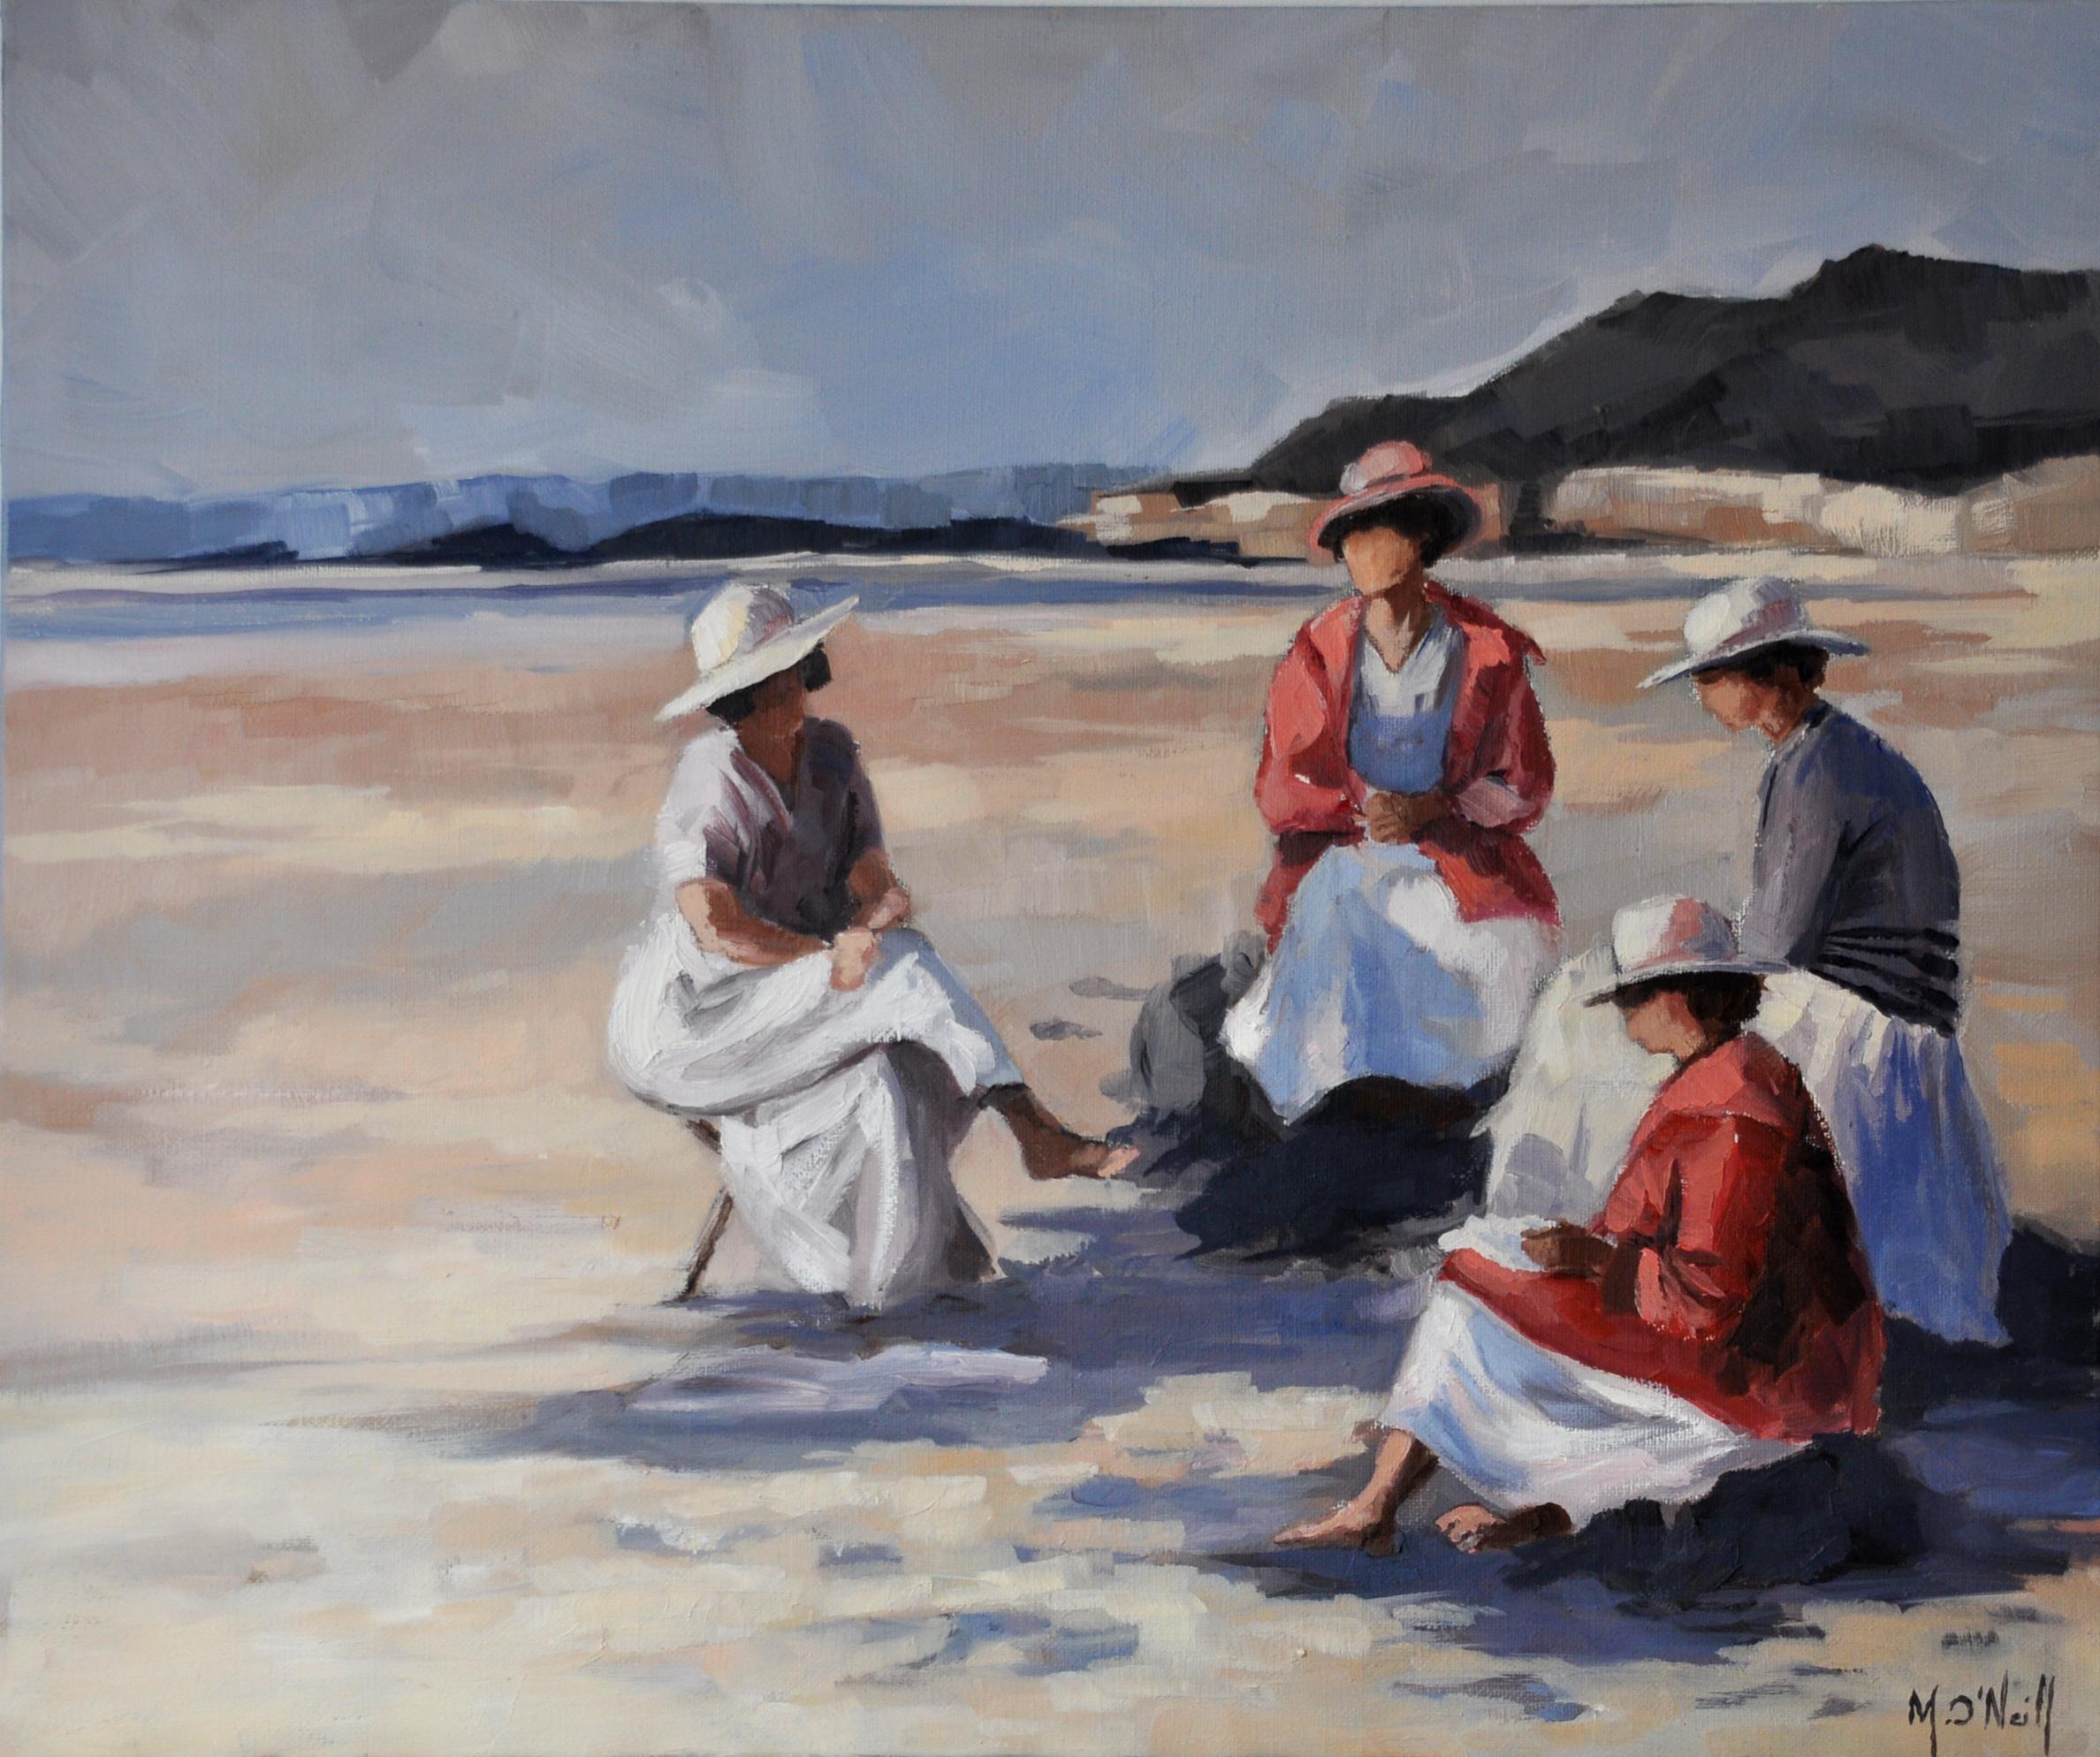 Dimanche à la plage, 60x40cm, vendu